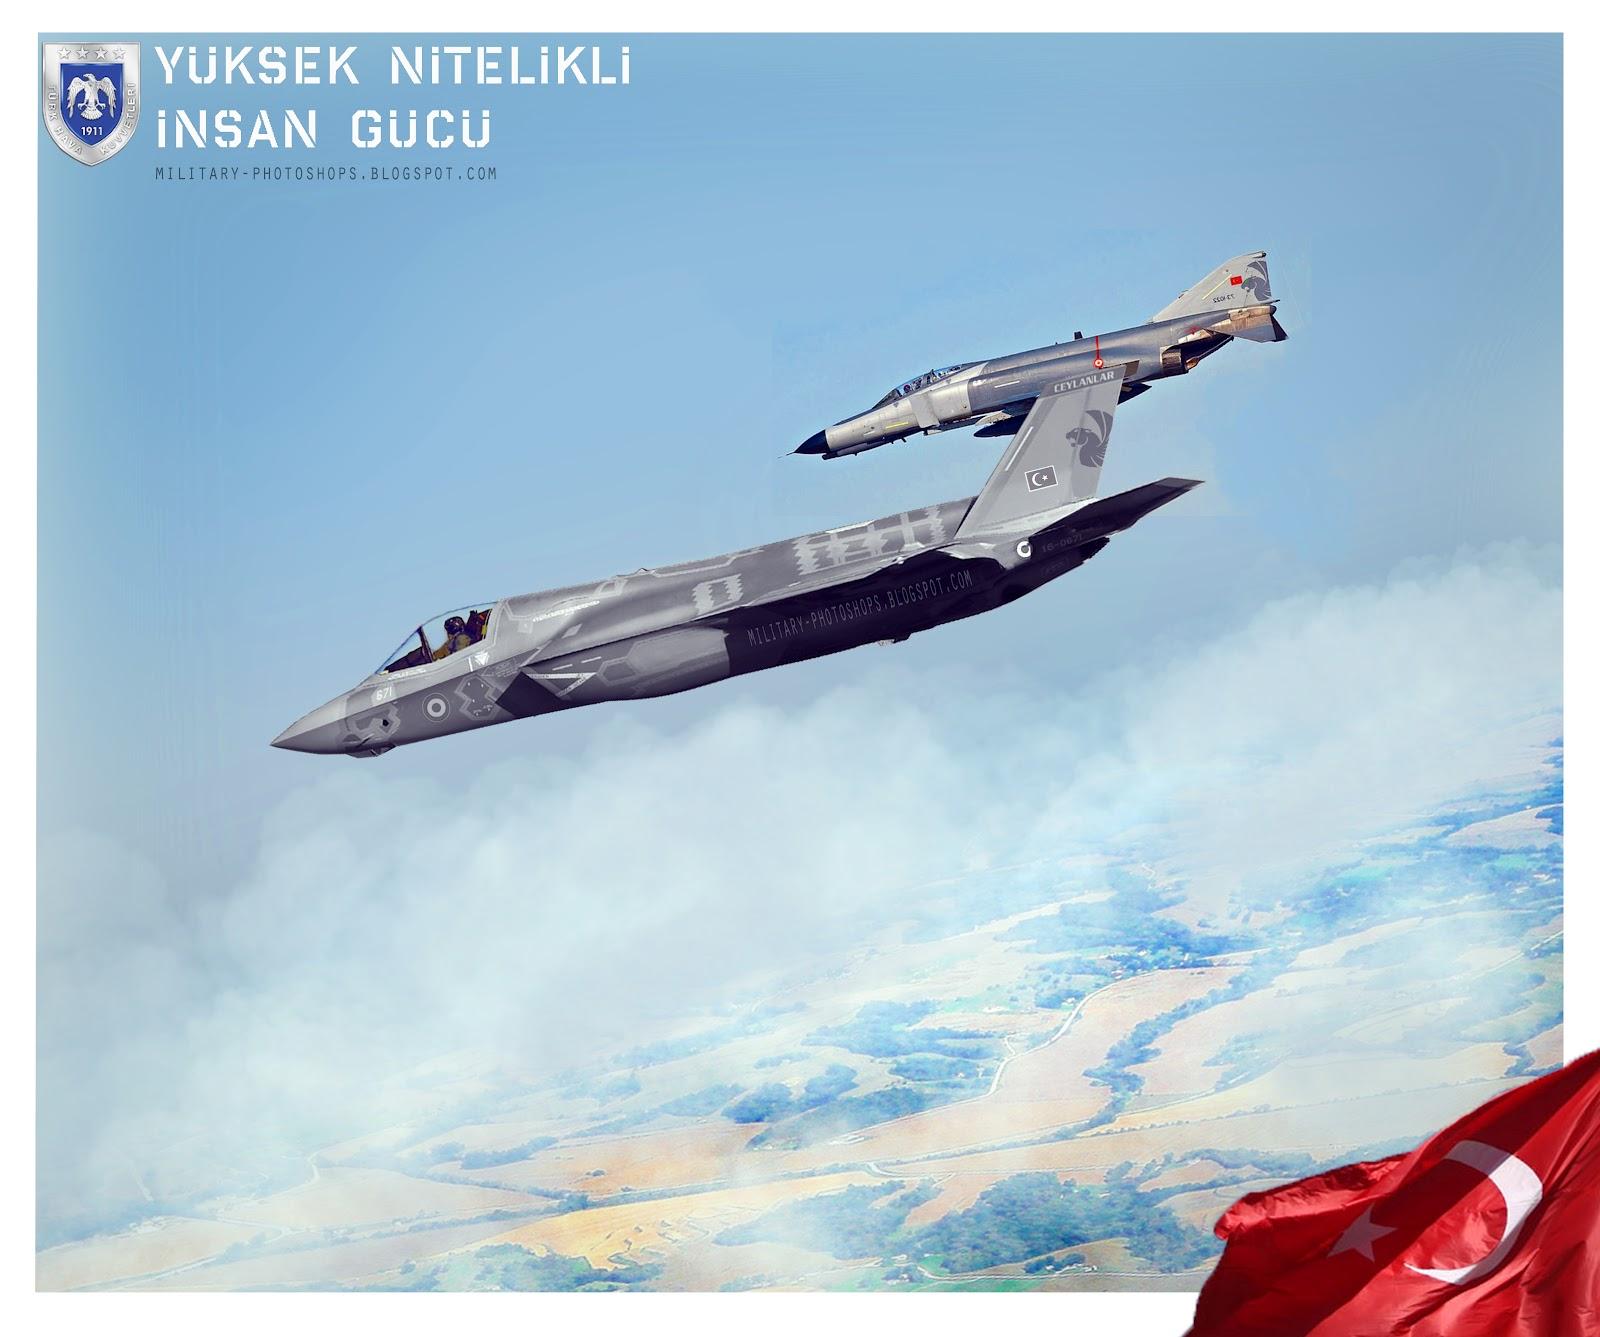 http://4.bp.blogspot.com/-V5kr5LWYkN8/T9NoQnrhskI/AAAAAAAAAcg/9w81f_f8bmc/s1600/Turk.jpg